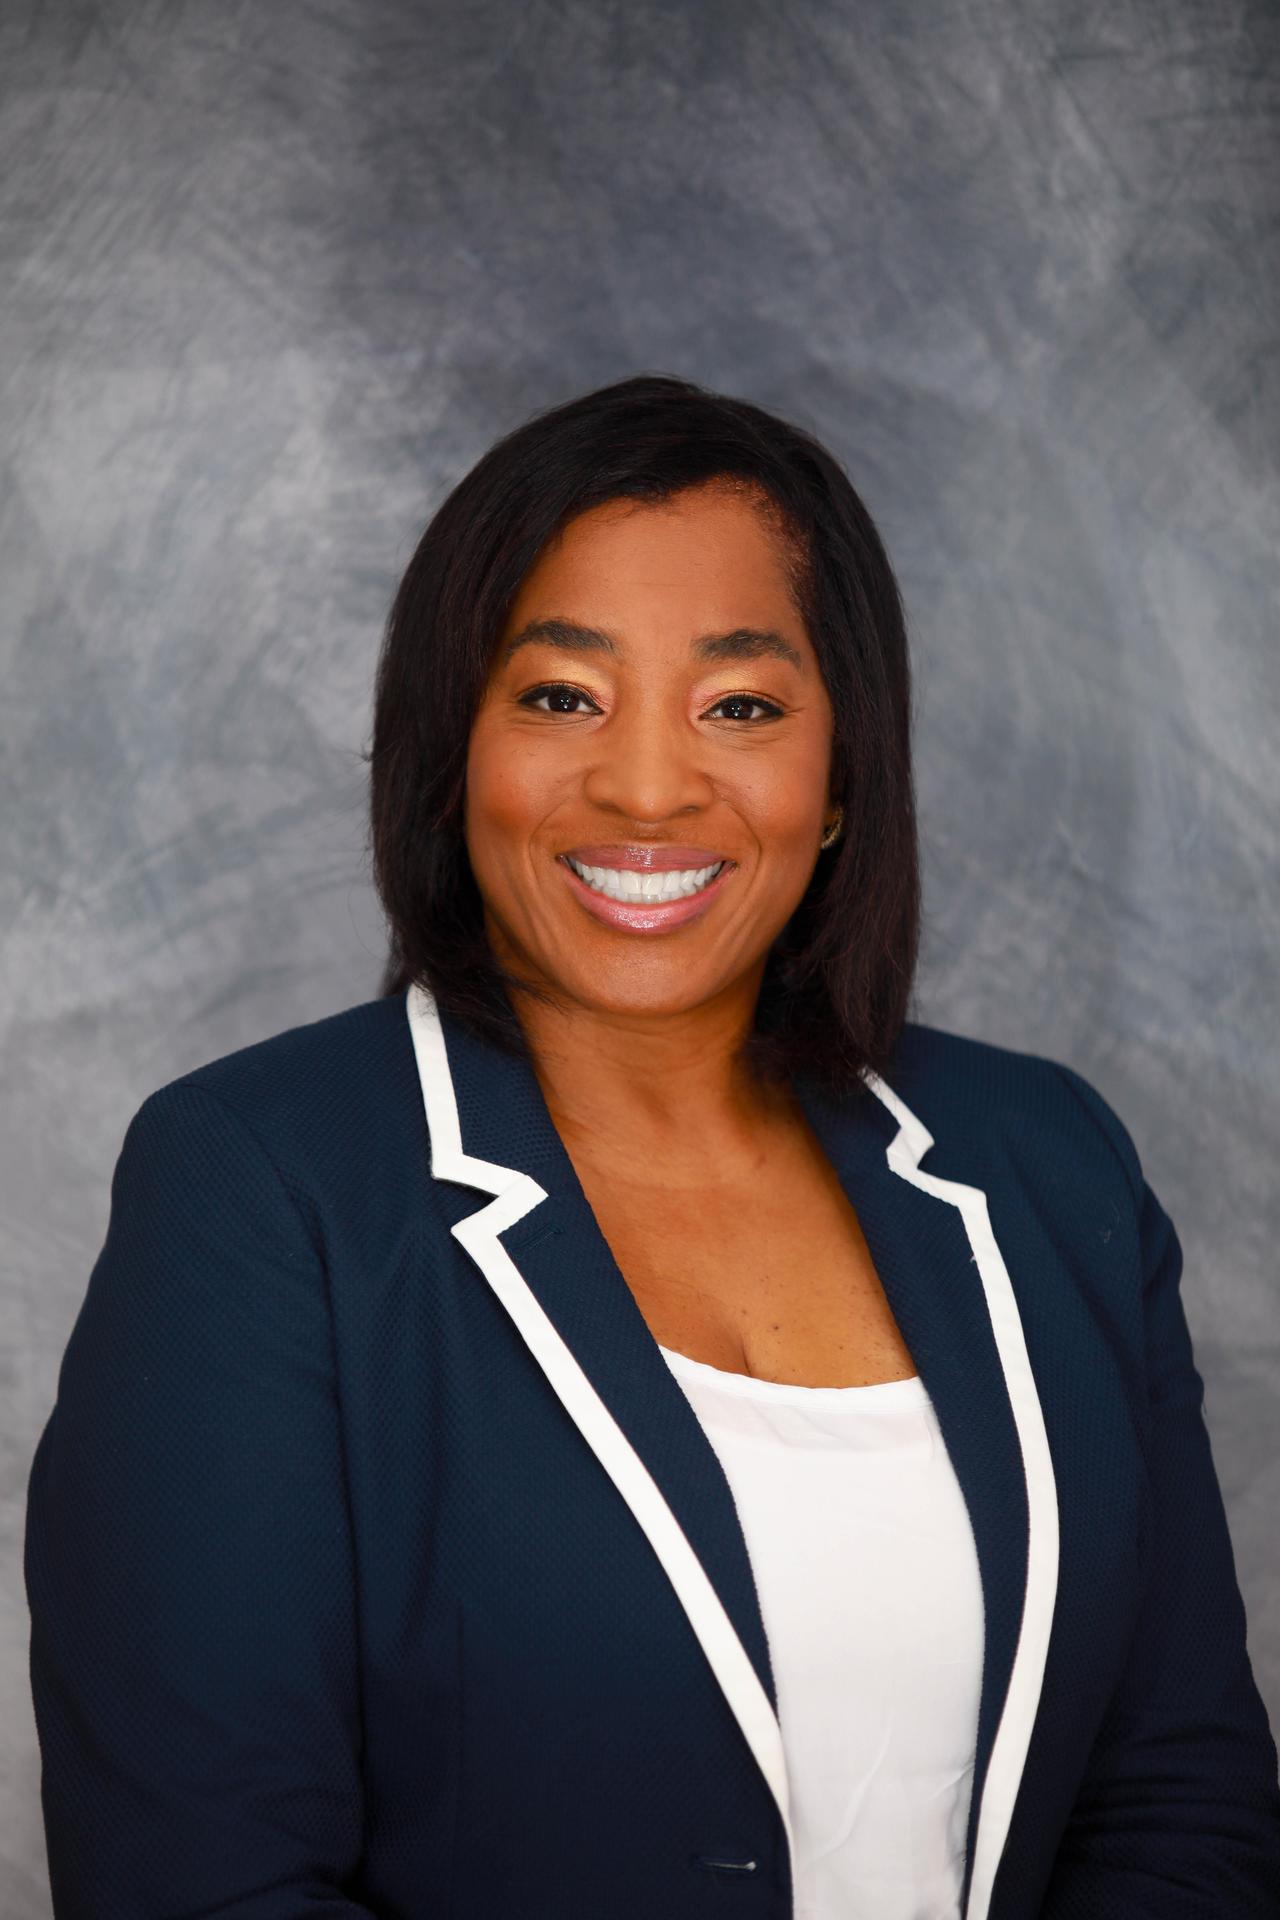 Dr. Shannon Vincent